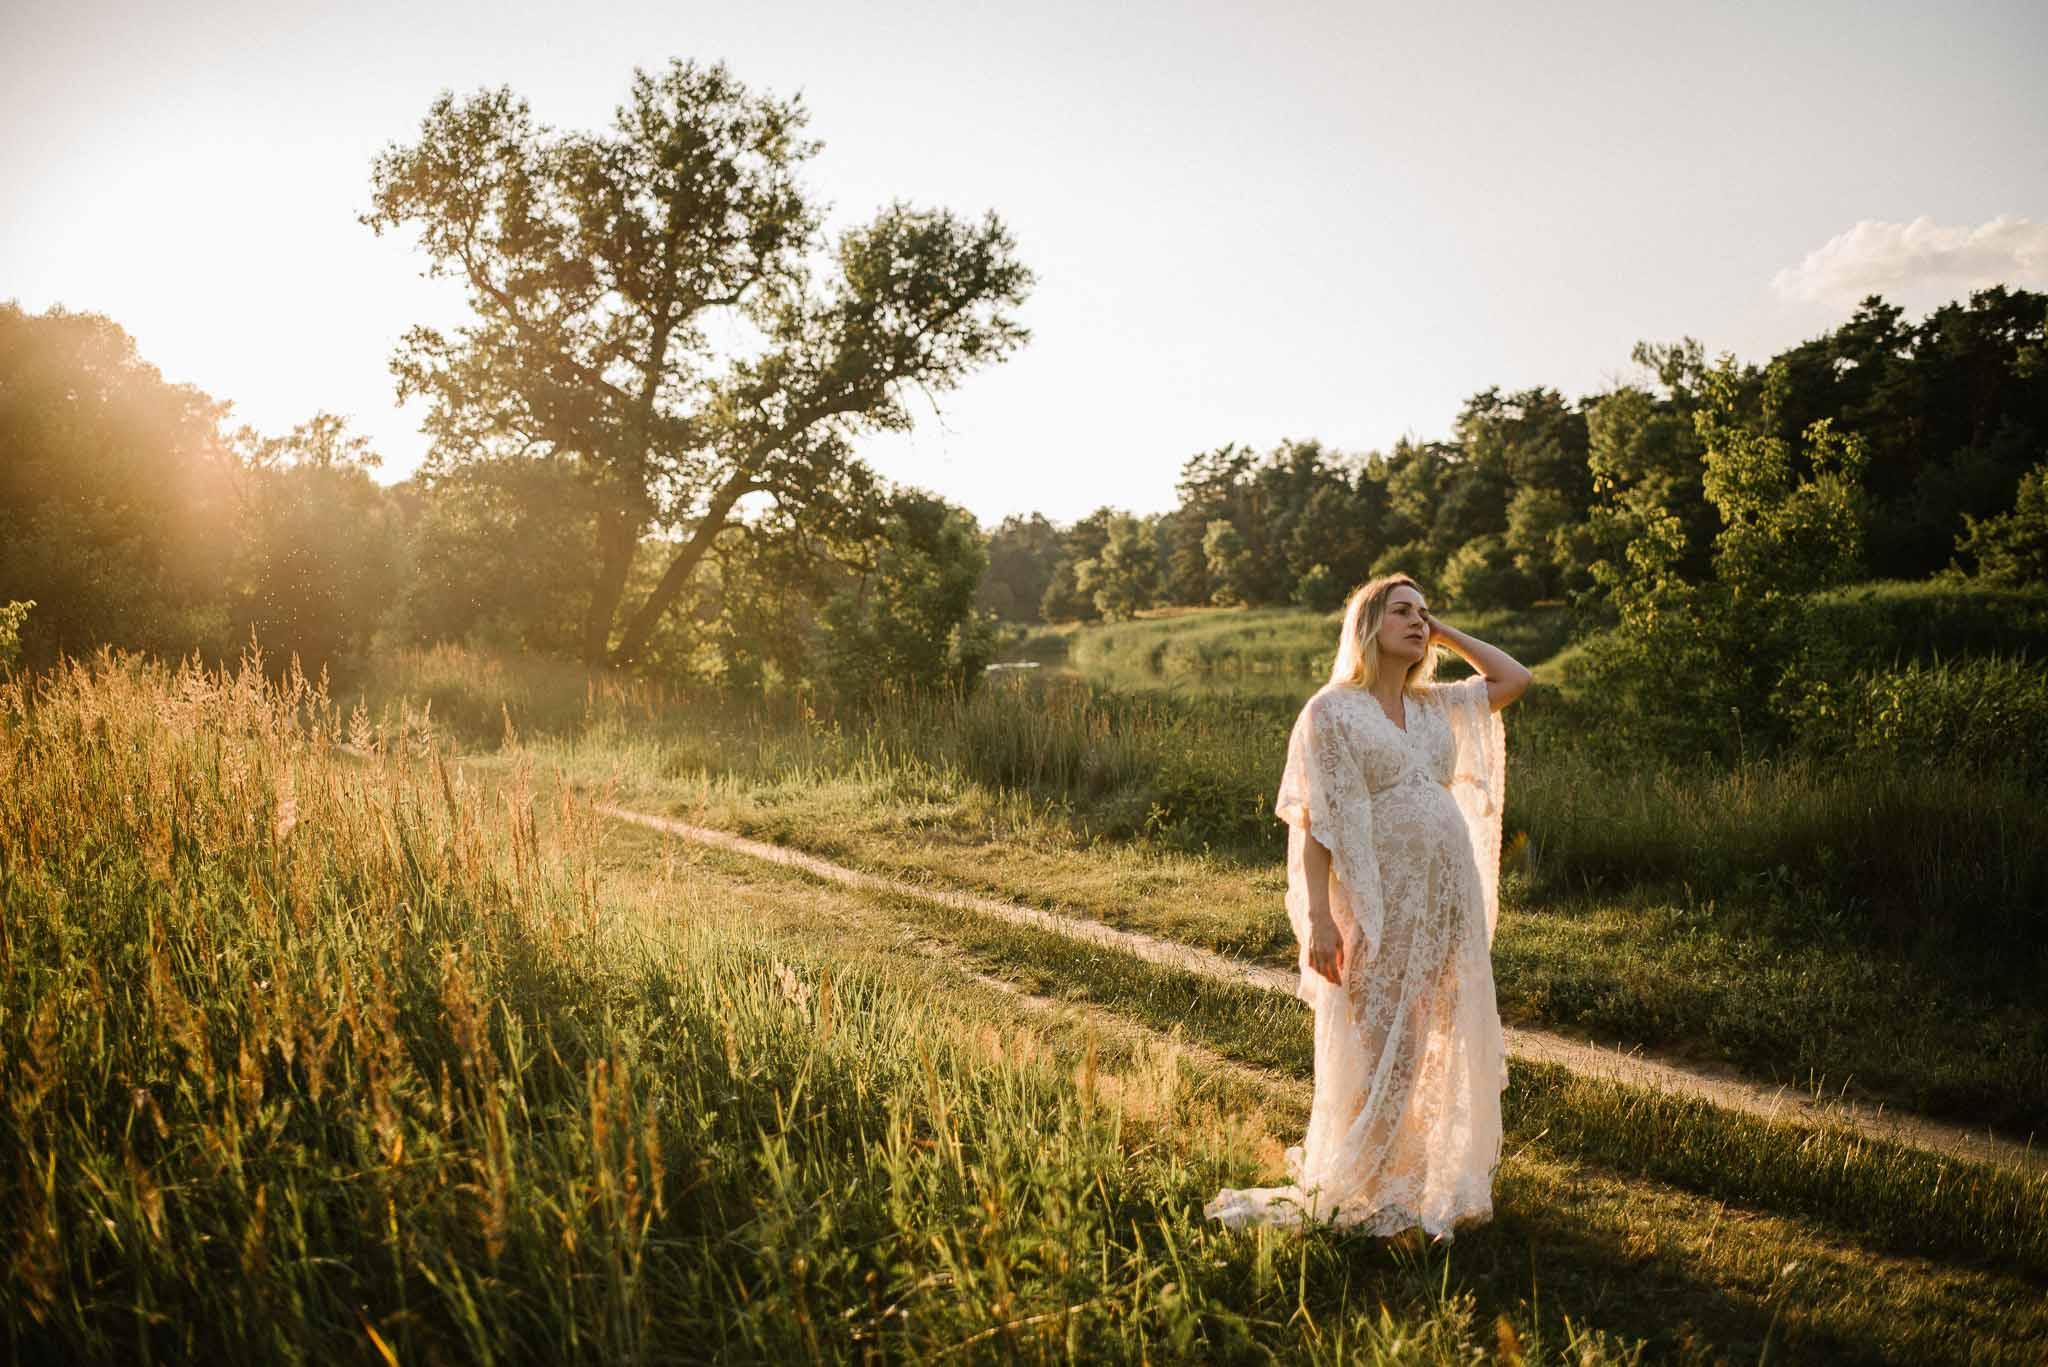 Kobieta w boho koronkowej białej sukni w ciąży idzie ścieżką  - Sesja ciążowa w plenerze w wodzie Poznań